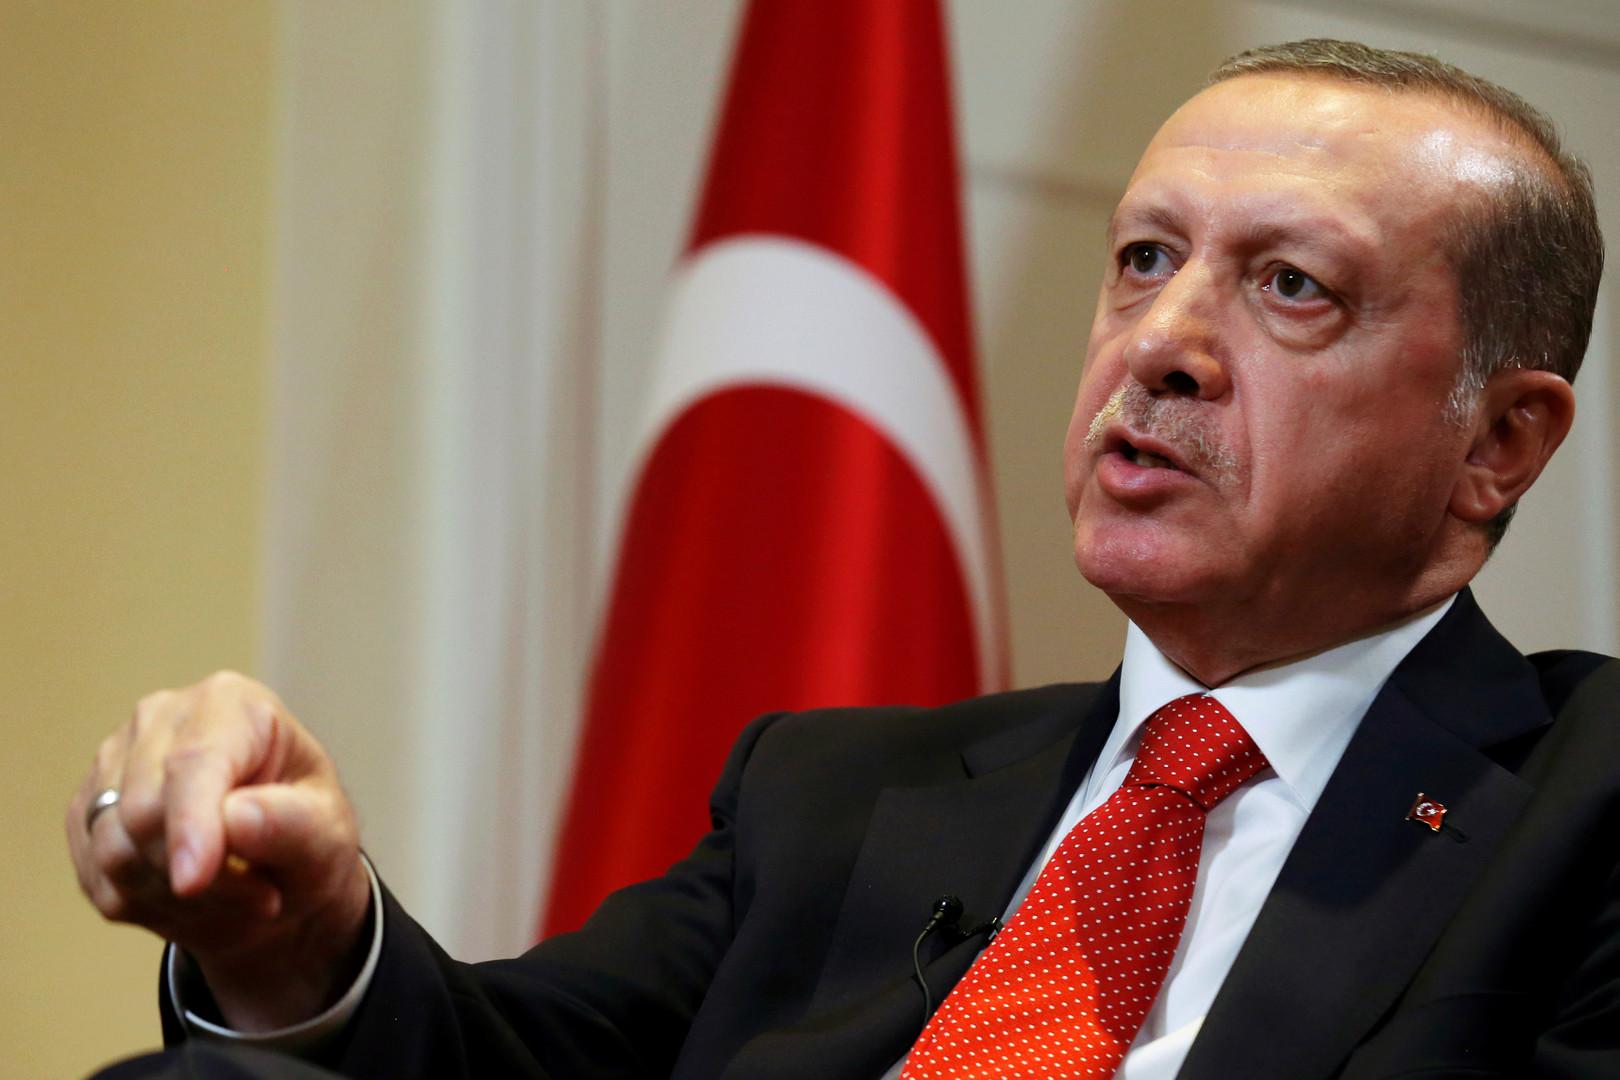 قتلى وجرحى في تفجير سيارة مفخخة بولاية قيصري والداخلية التركية تحدد هوية منفّذ العملية